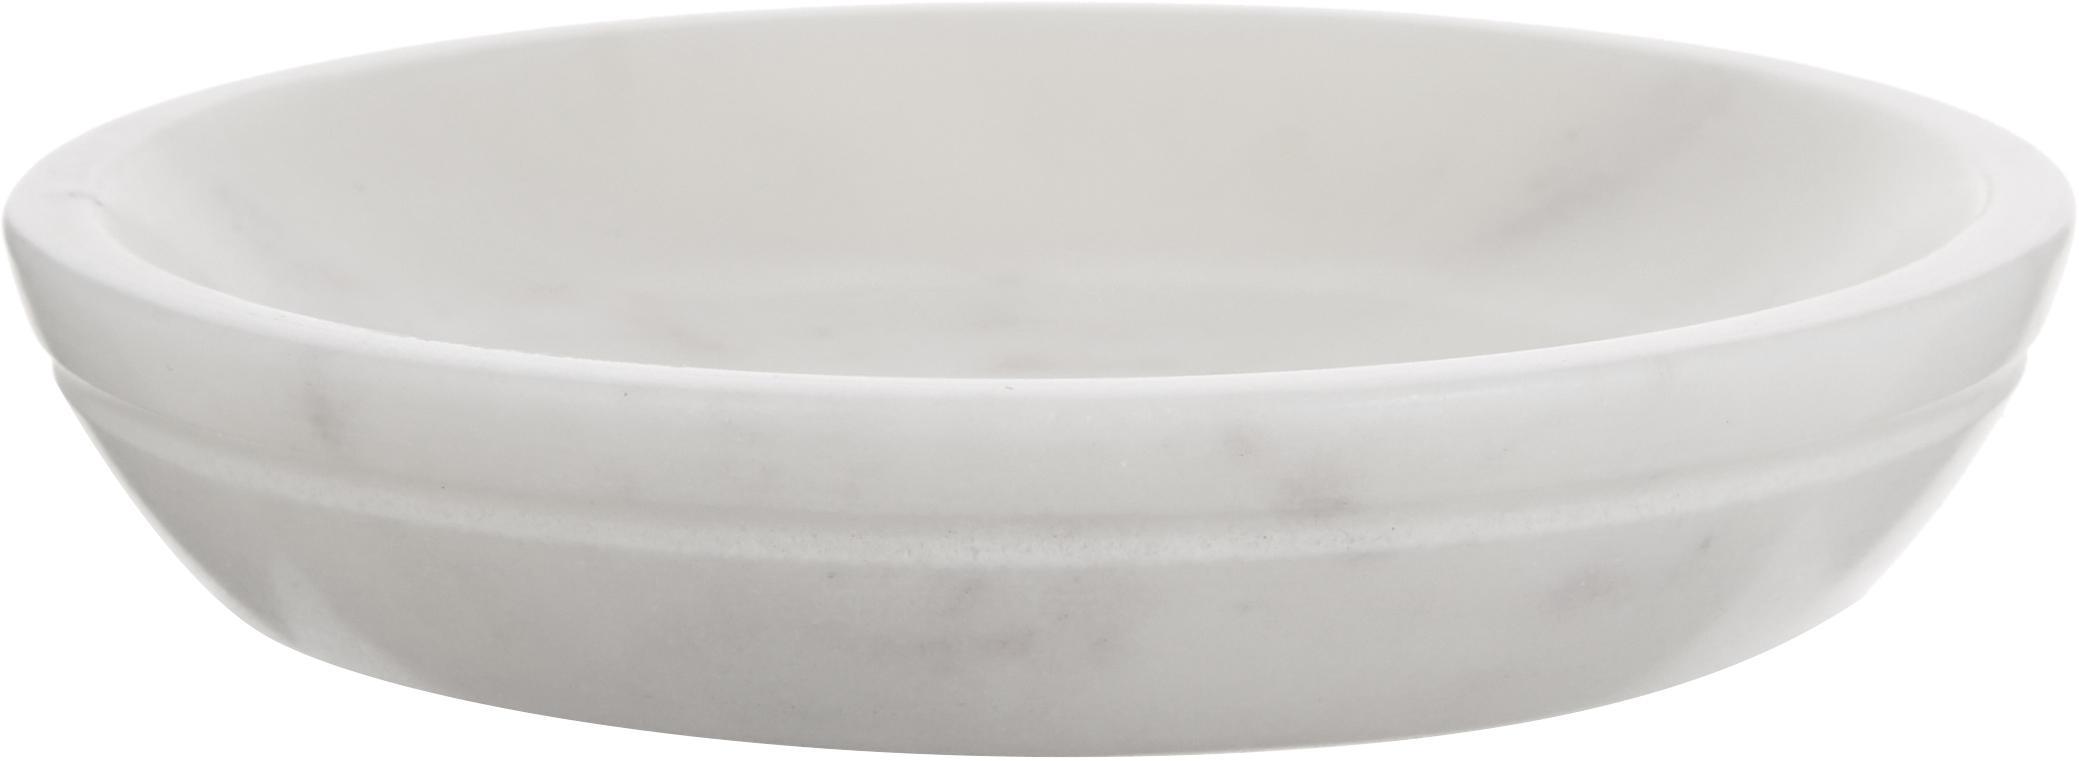 Mydelniczka z marmuru Lorka, Marmur, Biały, Ø 10 x W 2 cm